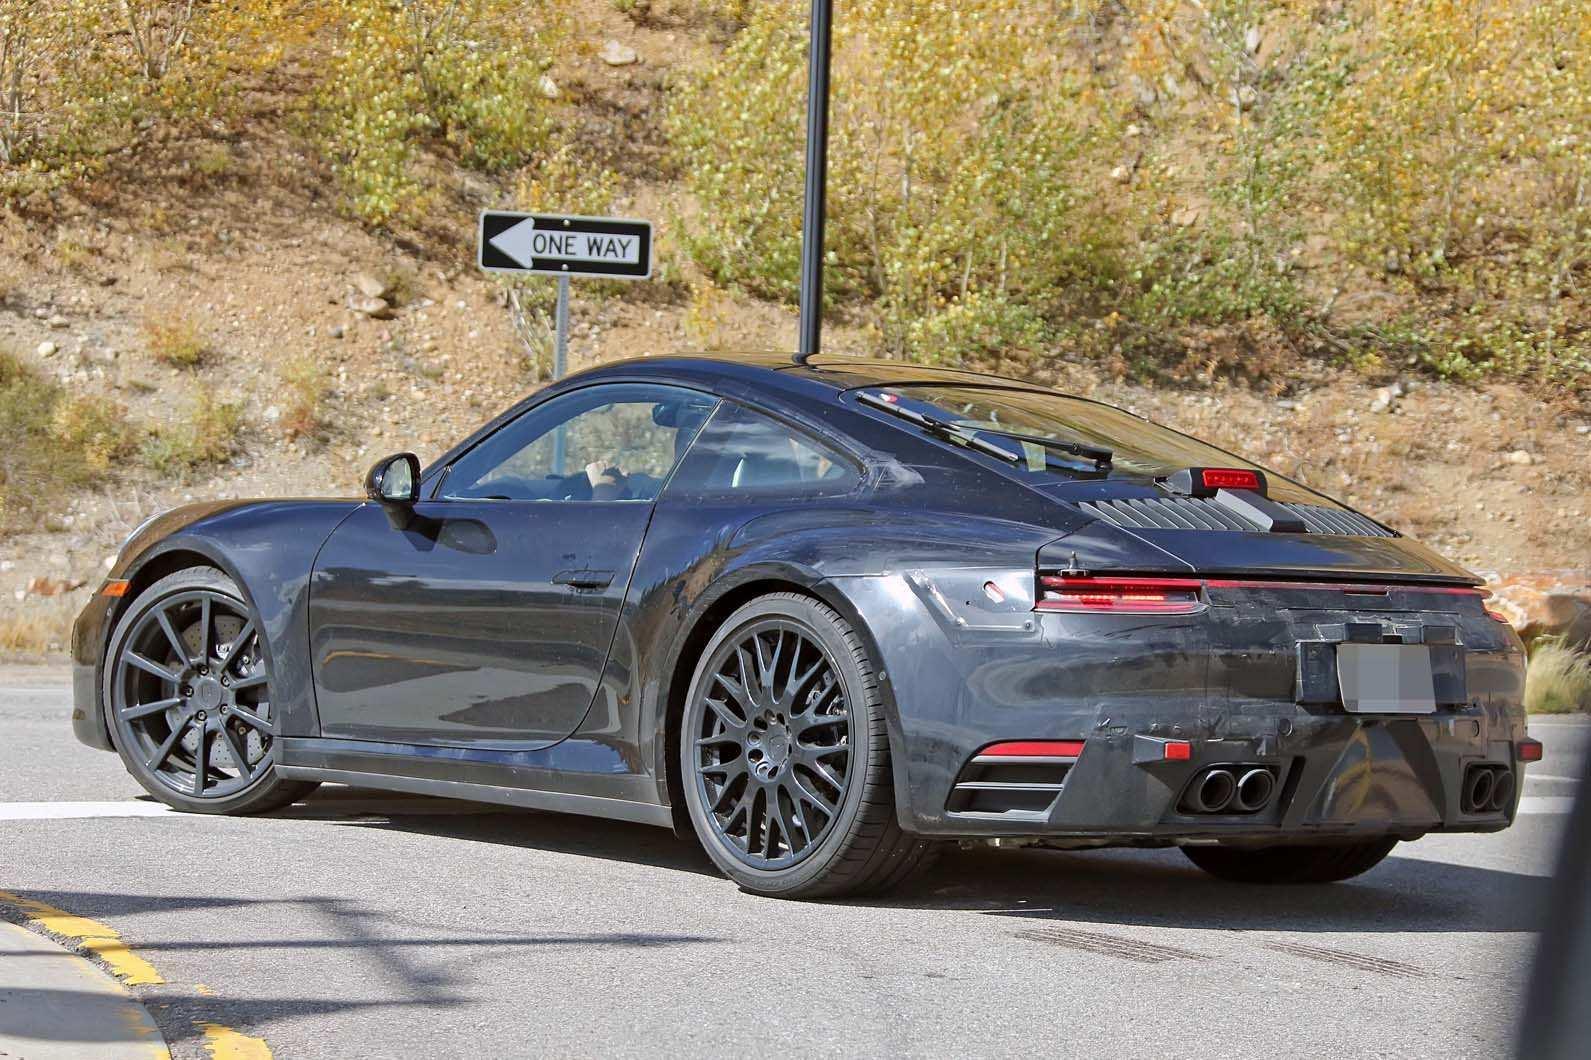 94 Concept of 2019 New Porsche Exterior and Interior with 2019 New Porsche